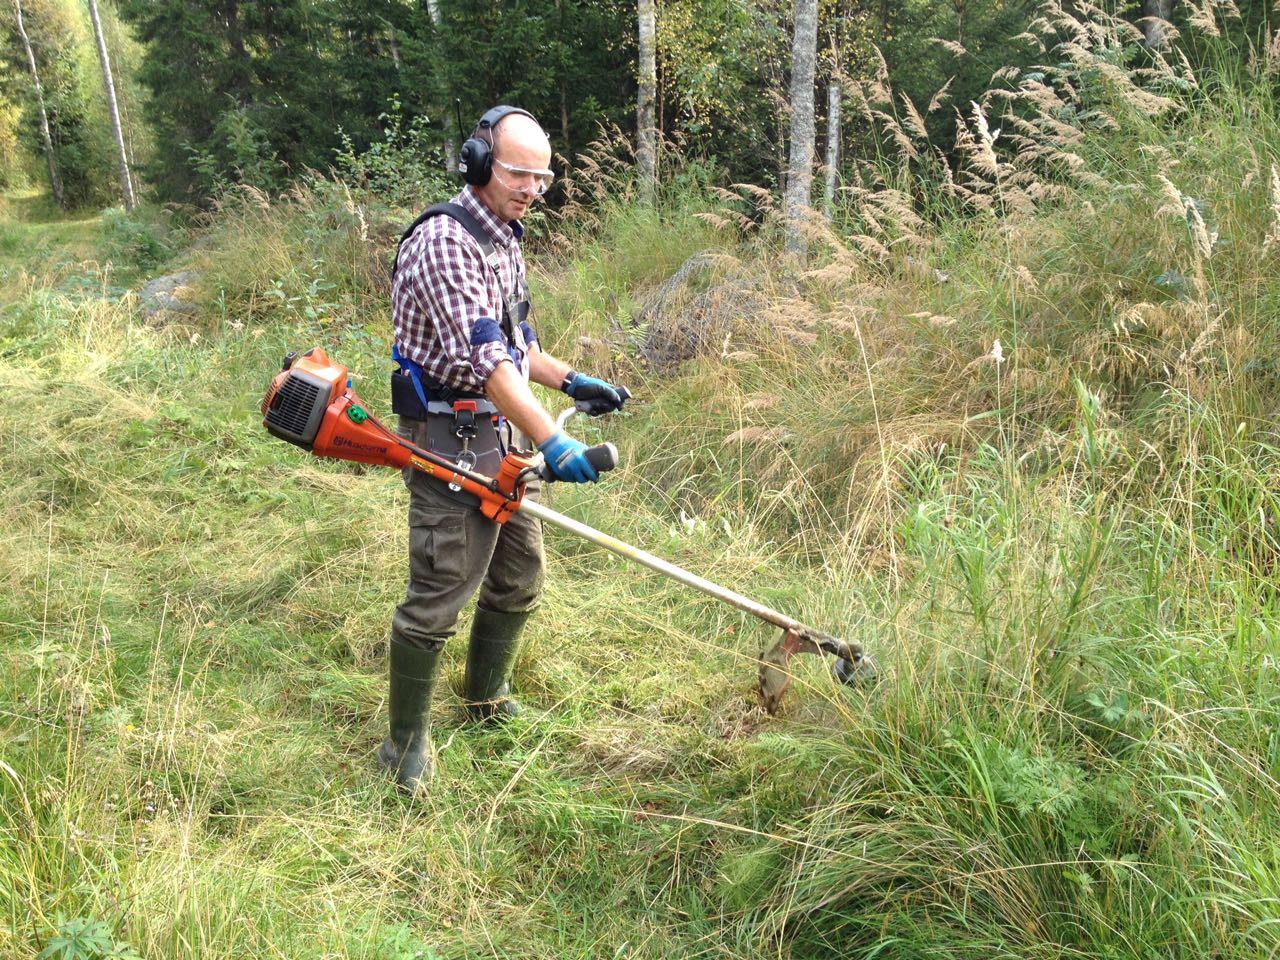 Peter trimmar det höga gräset på skidspåret nära Vekasund.